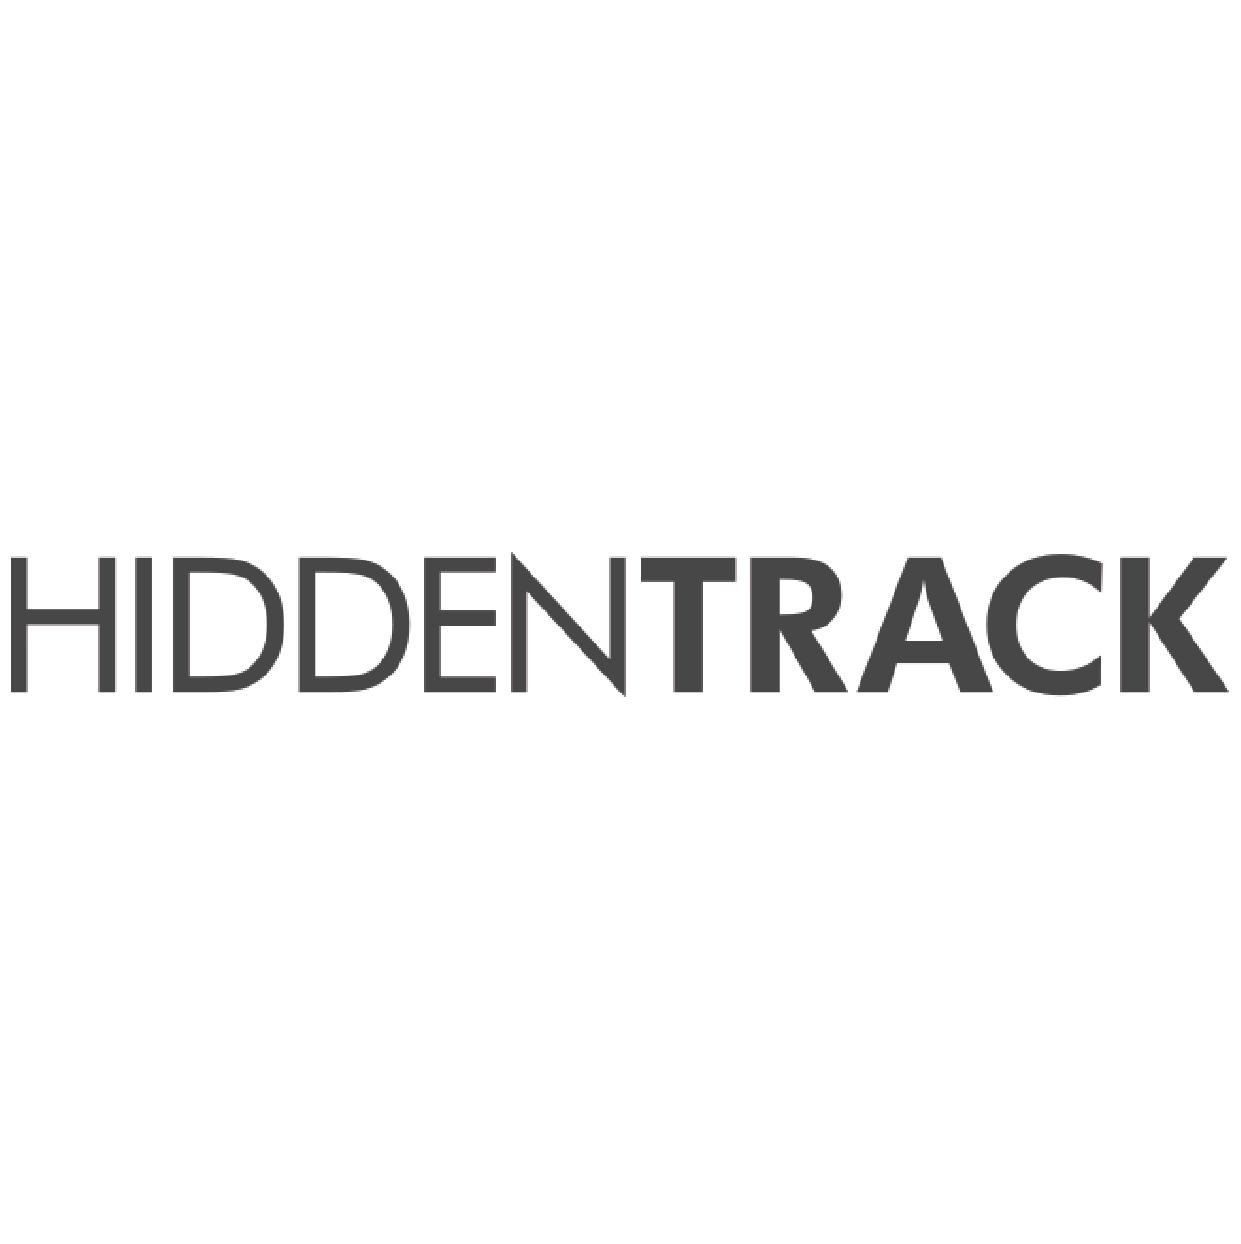 Hidden Track ロゴ